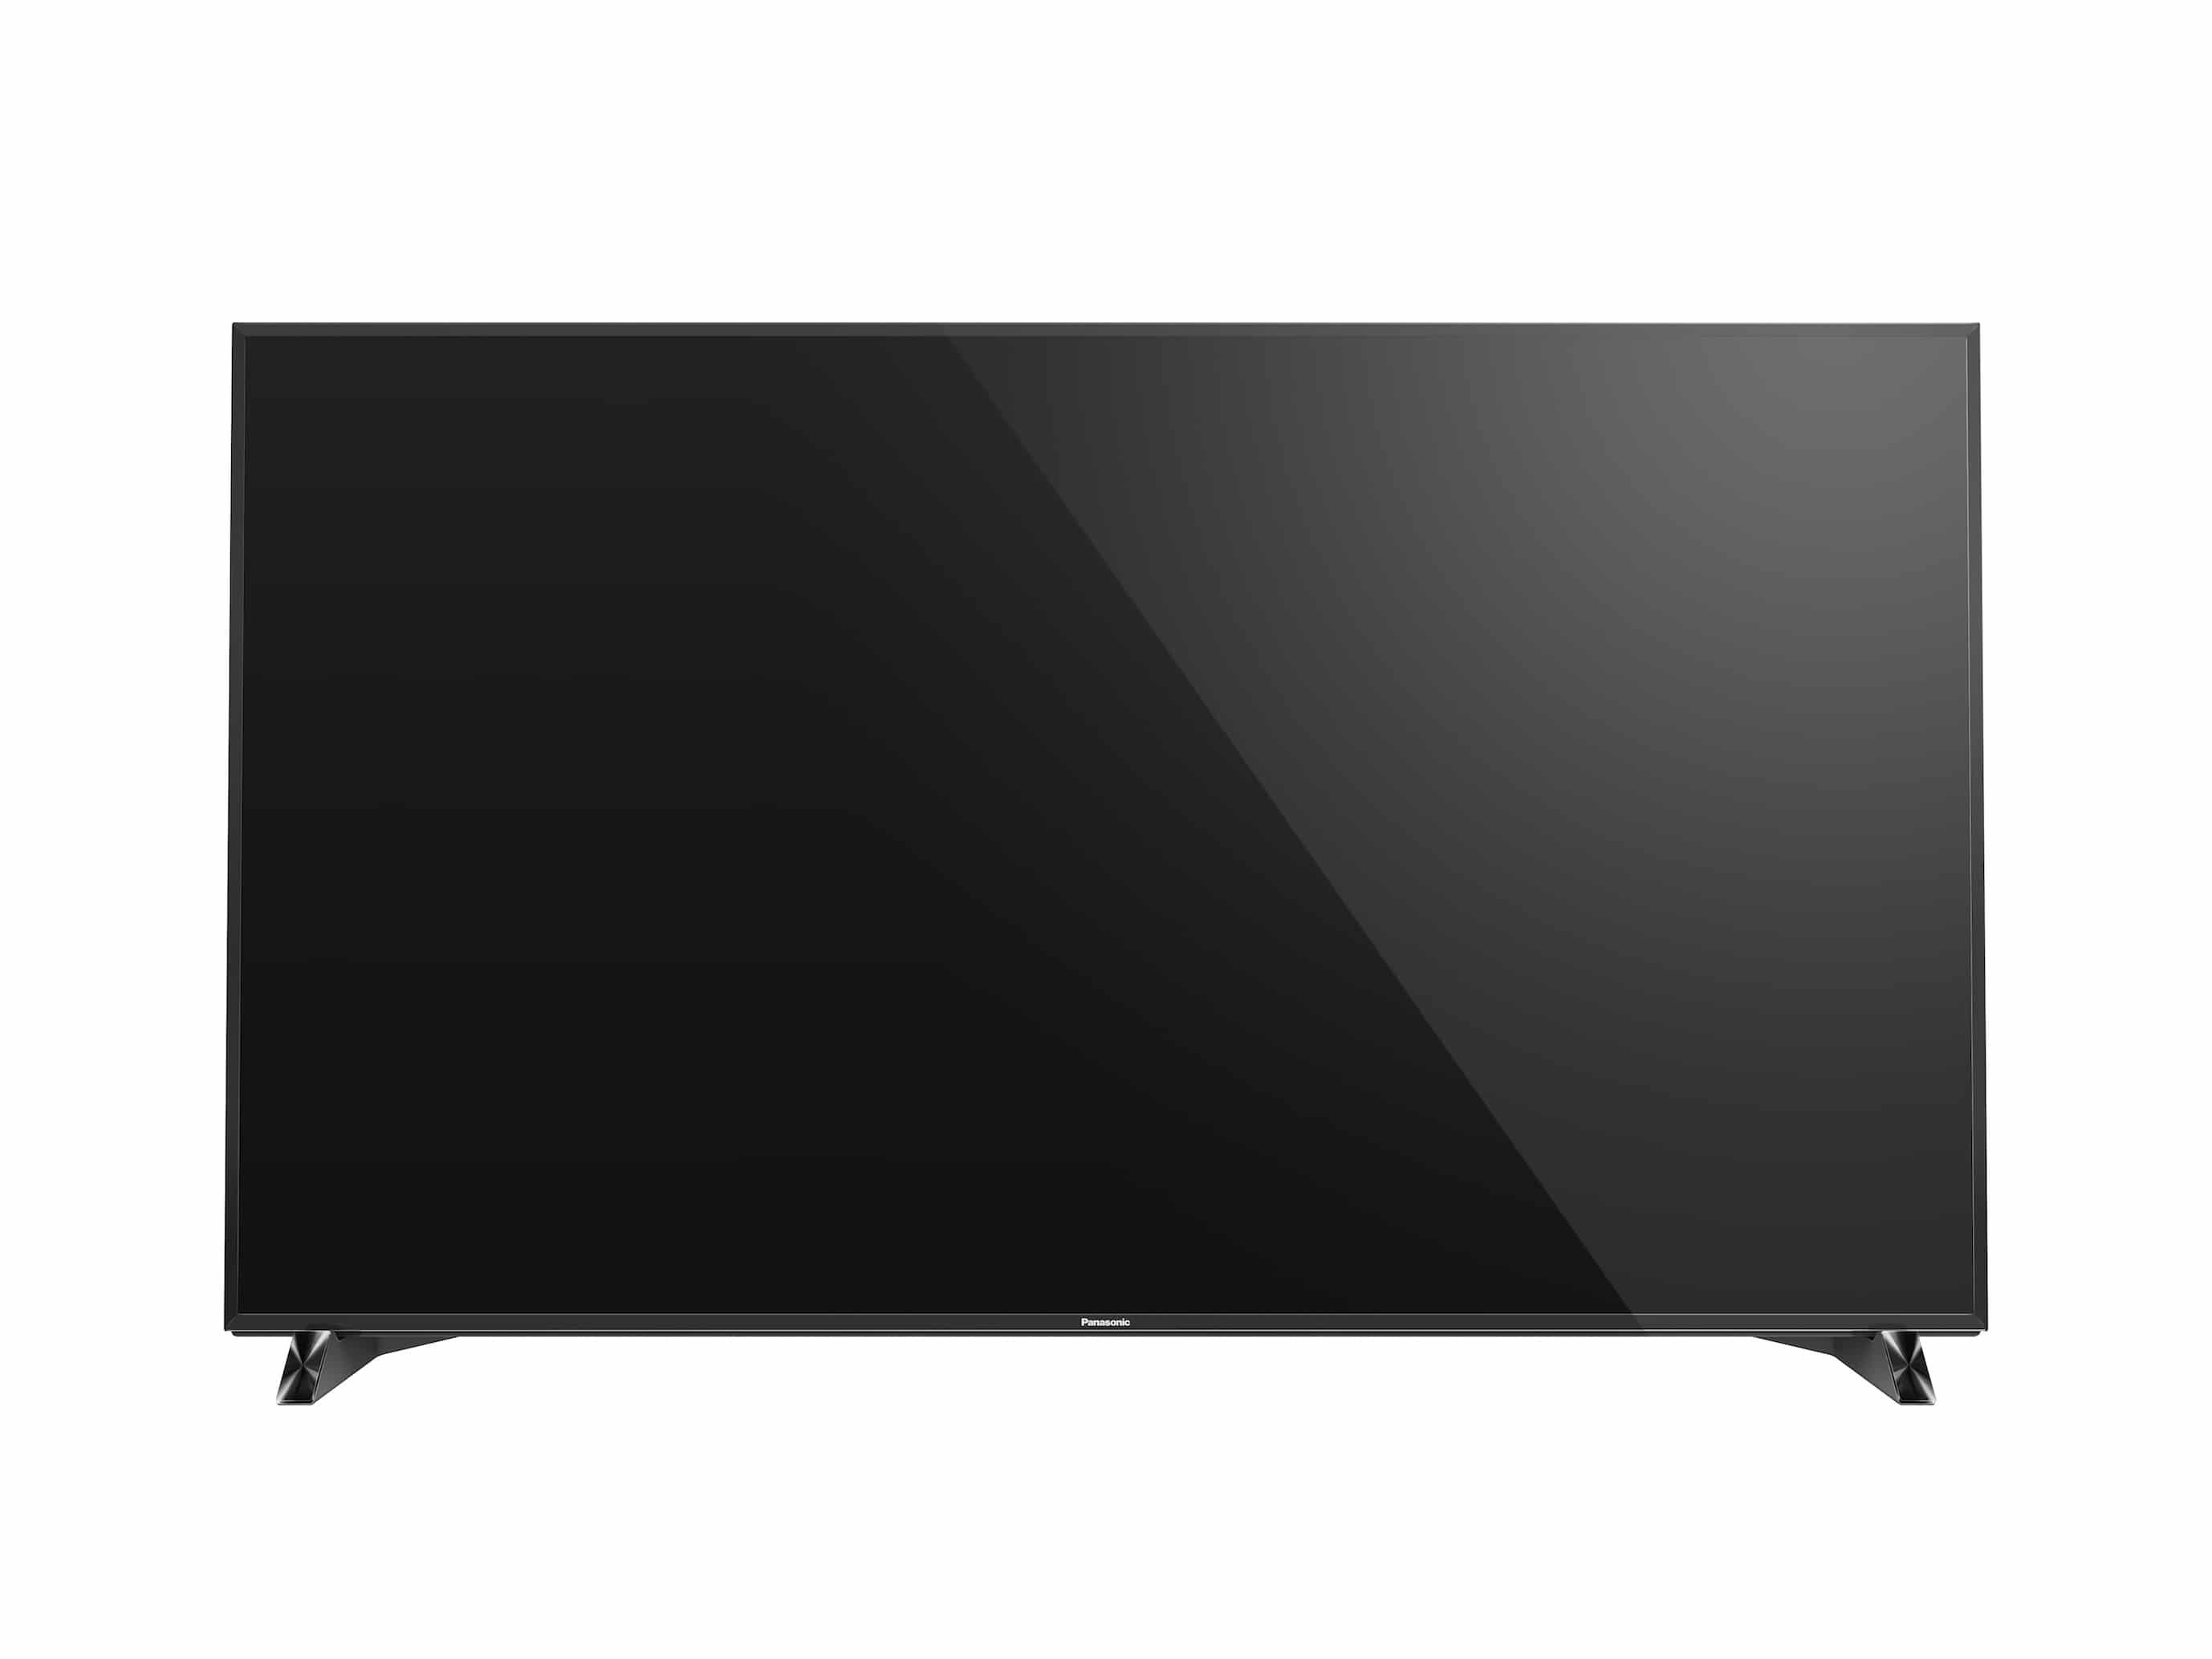 DX900 4K Fernseher von Panasonic mit 58 und 65 Zoll